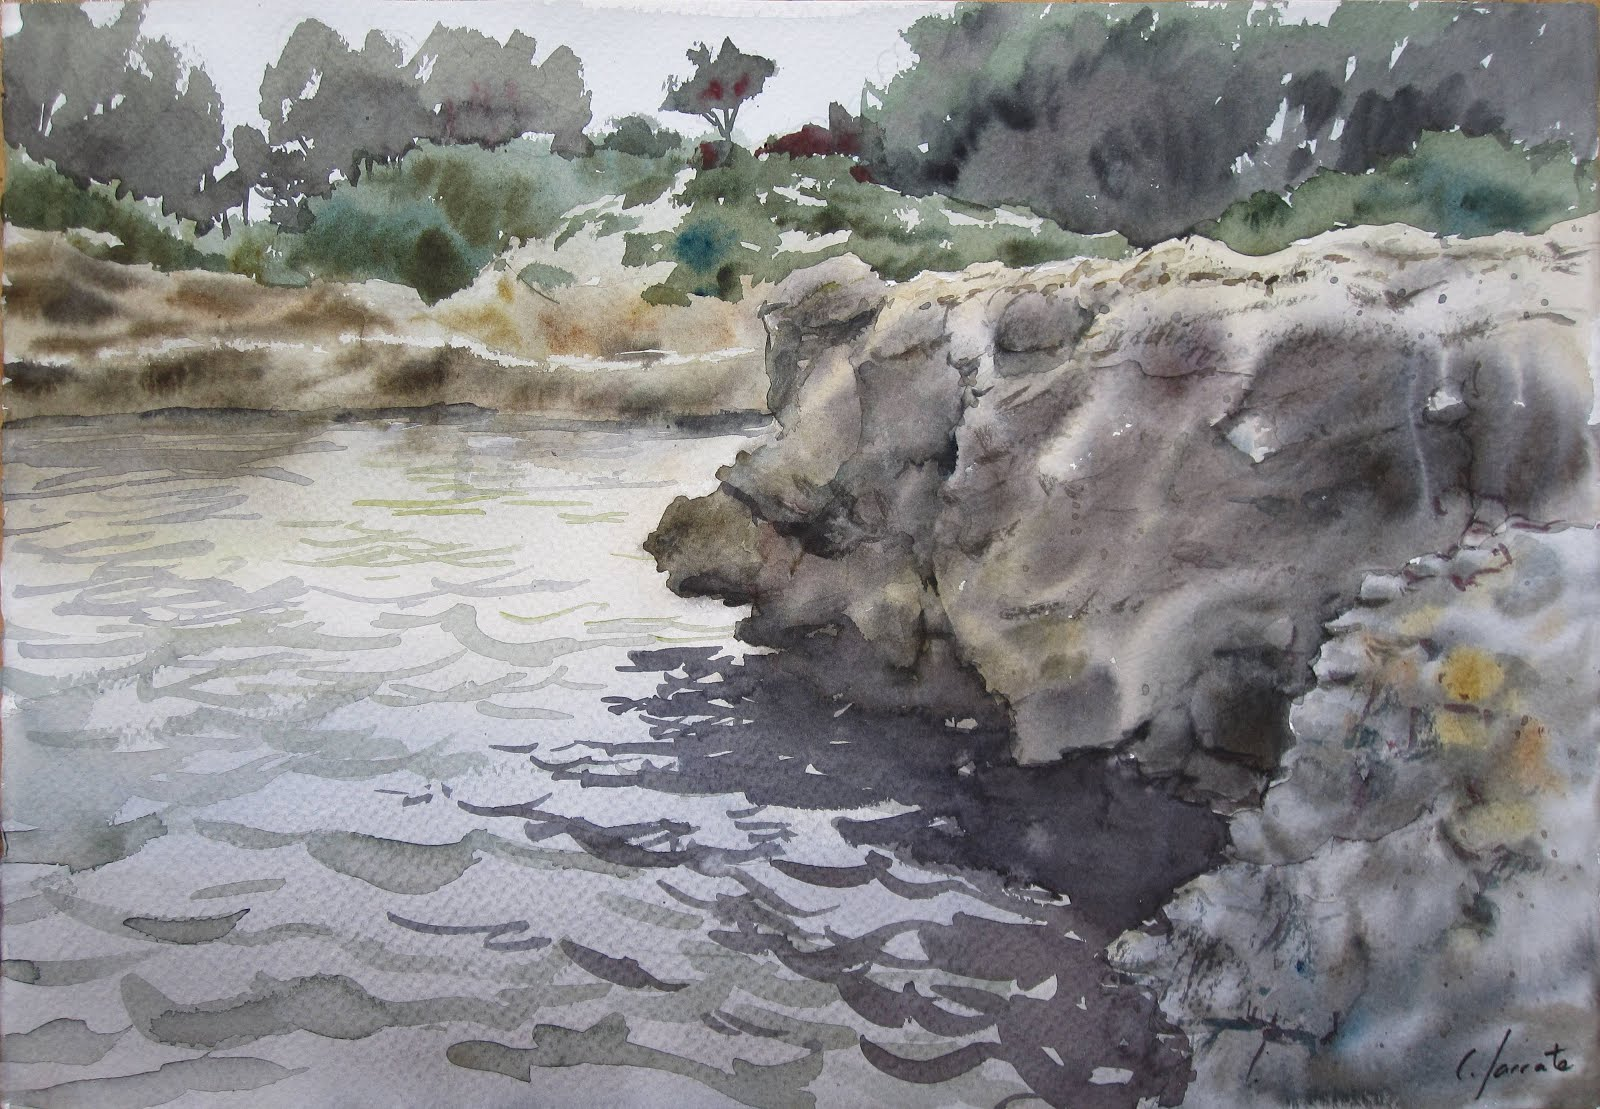 Ametlla de Mar i Tarragona Series